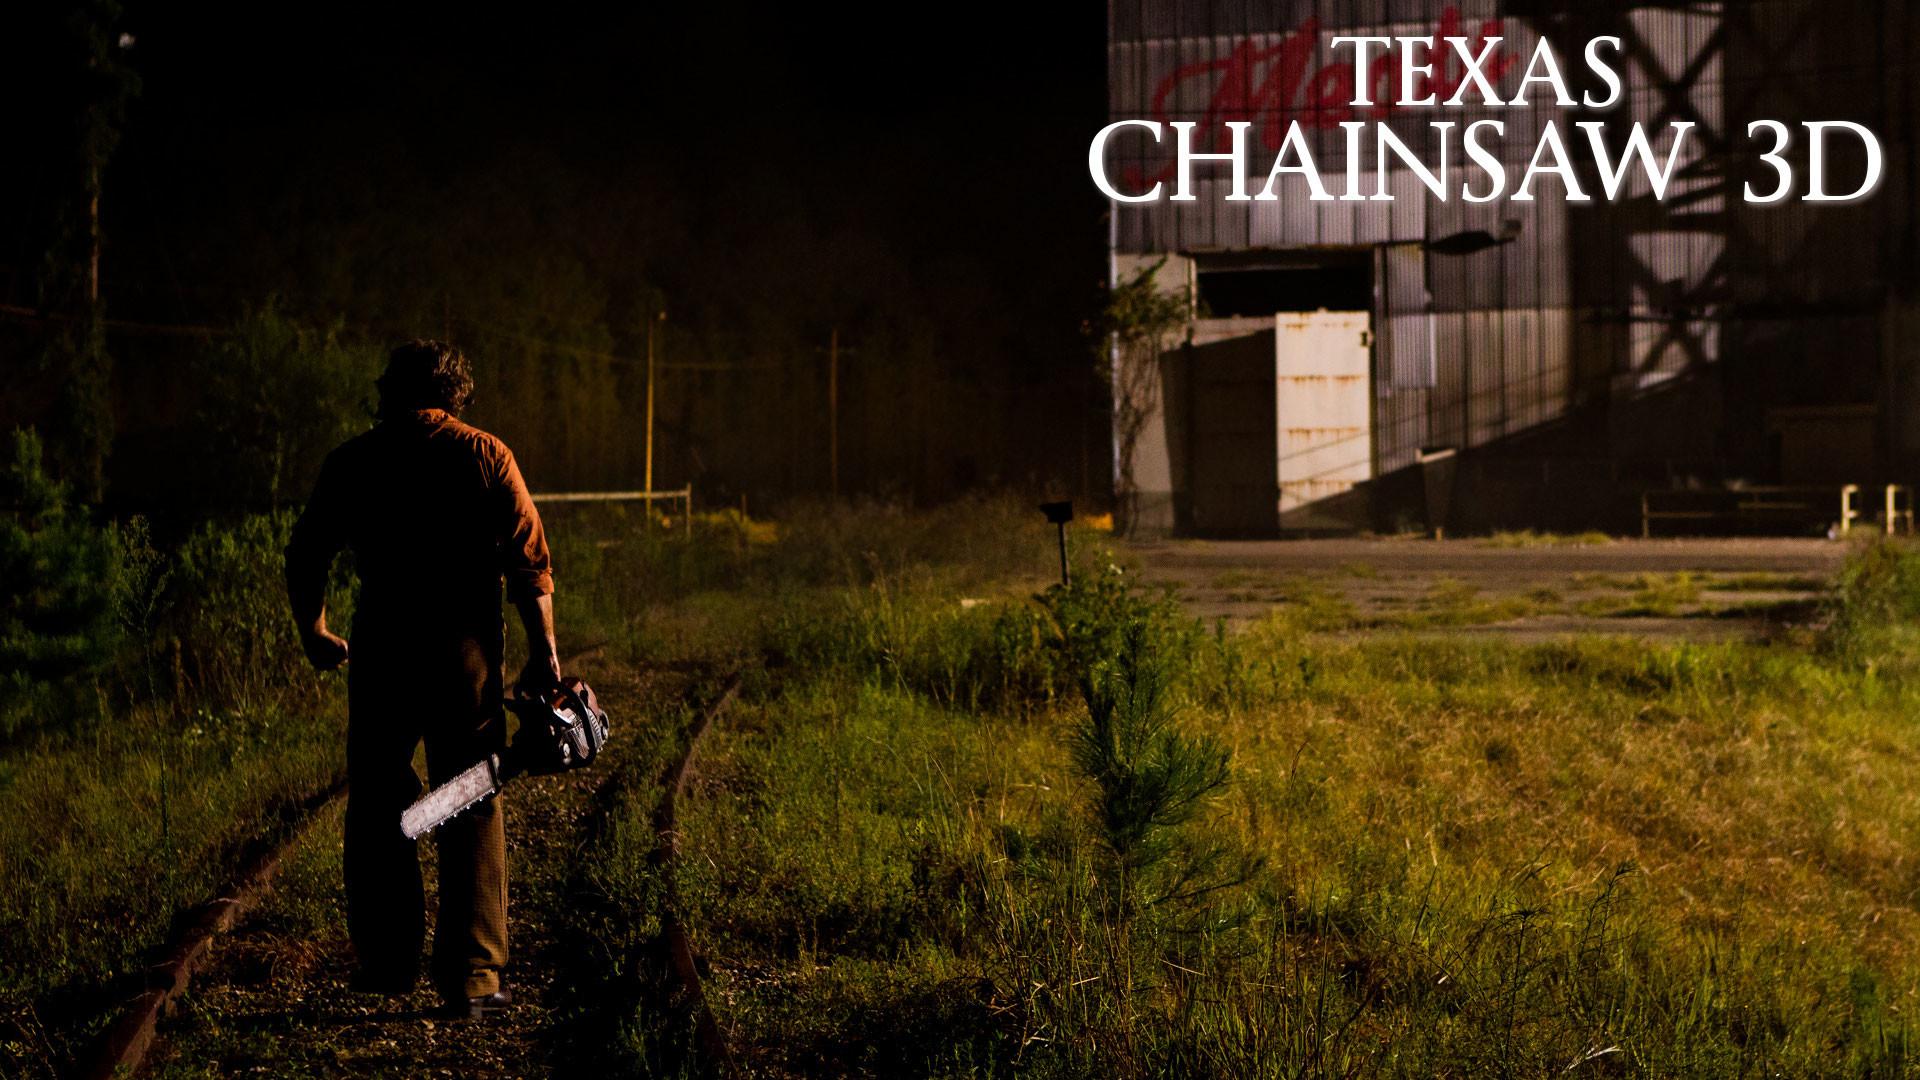 … Texas Chainsaw Massacre 3D Wallpaper 2 by edheadkt